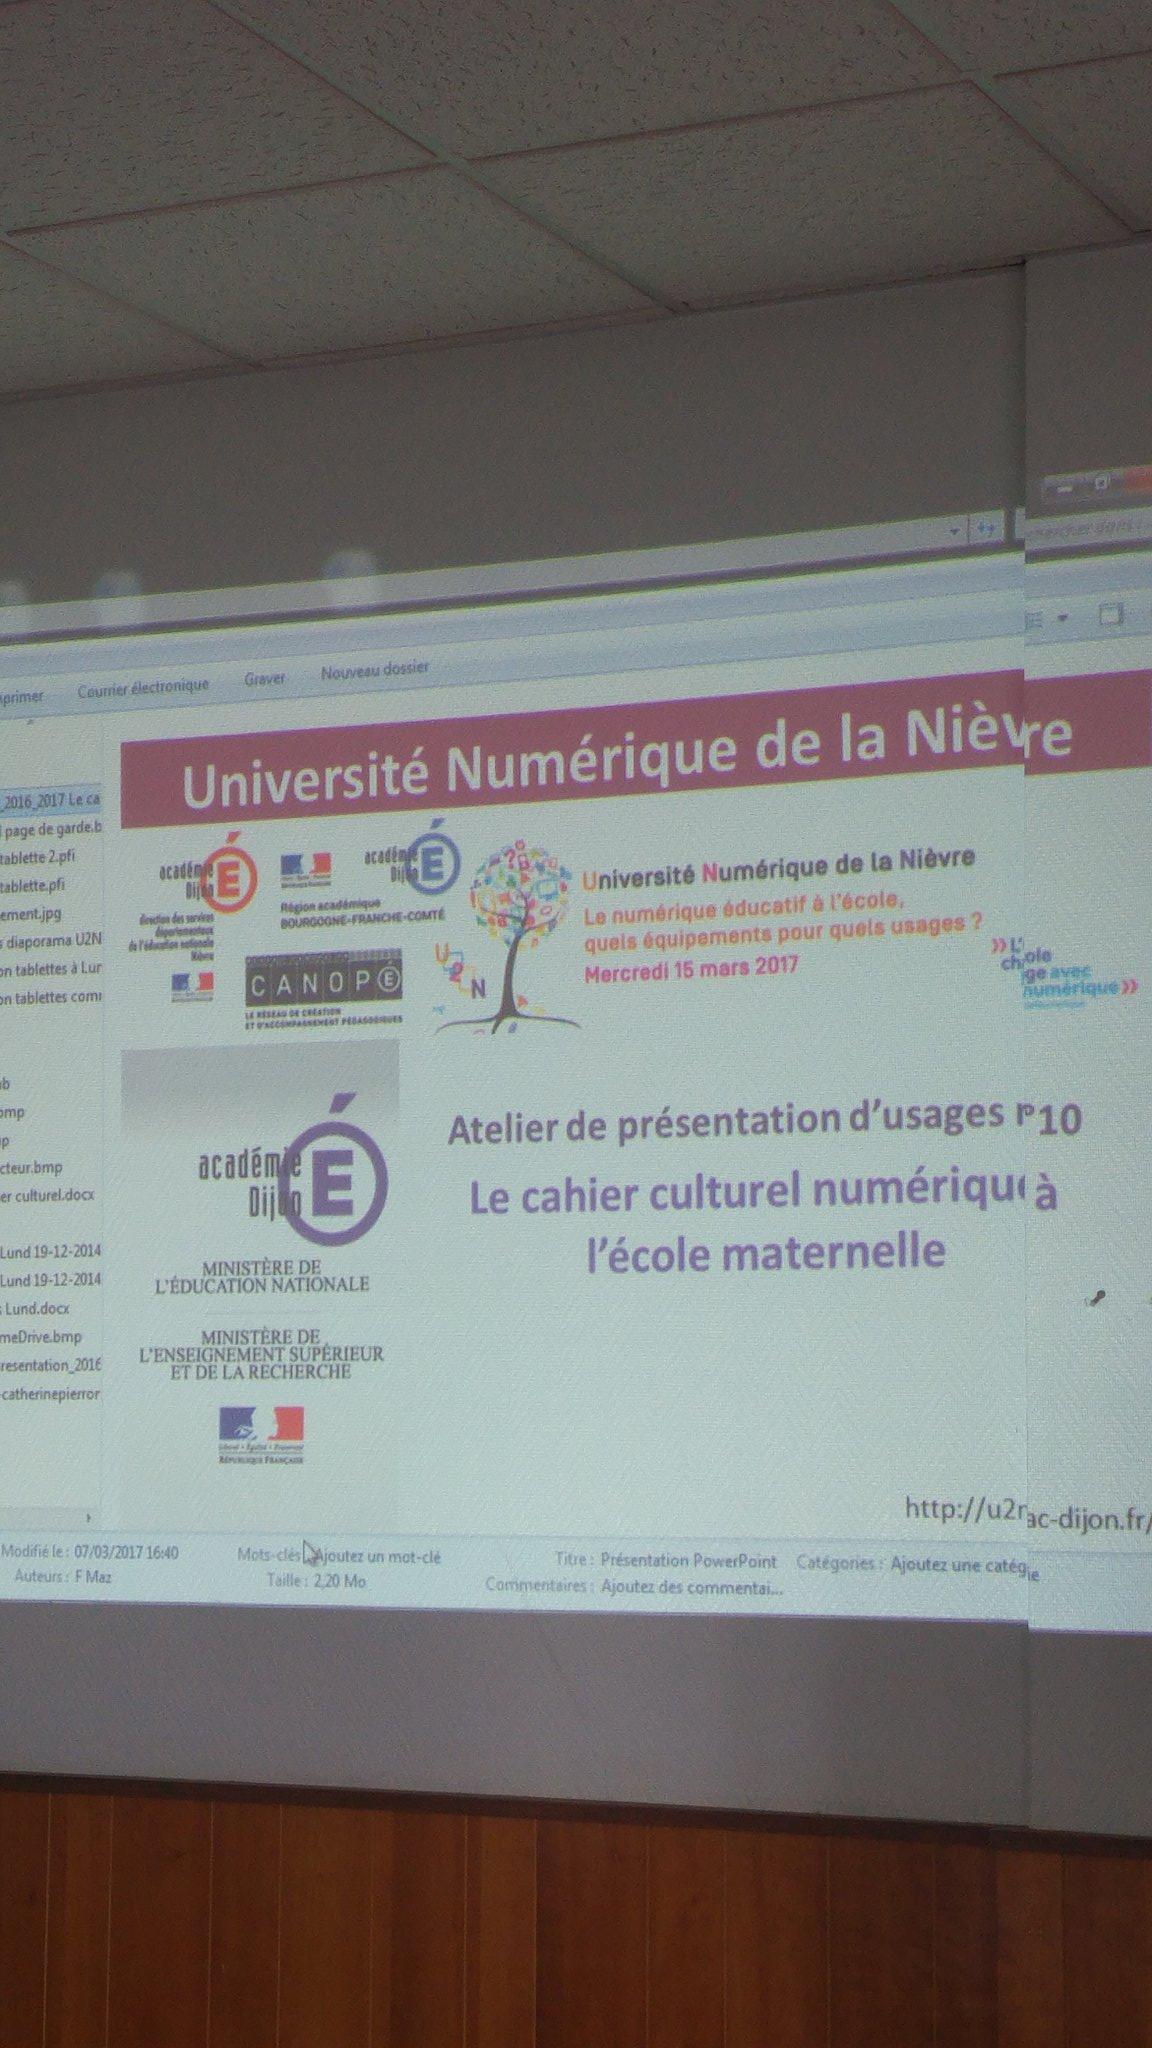 #U2N découverte du cahier culturel numérique à l'école maternelle au foyer #ESPE @canope_58 @reseau_canope @dsden58 @dane_dijon https://t.co/xdj6NTNIJS